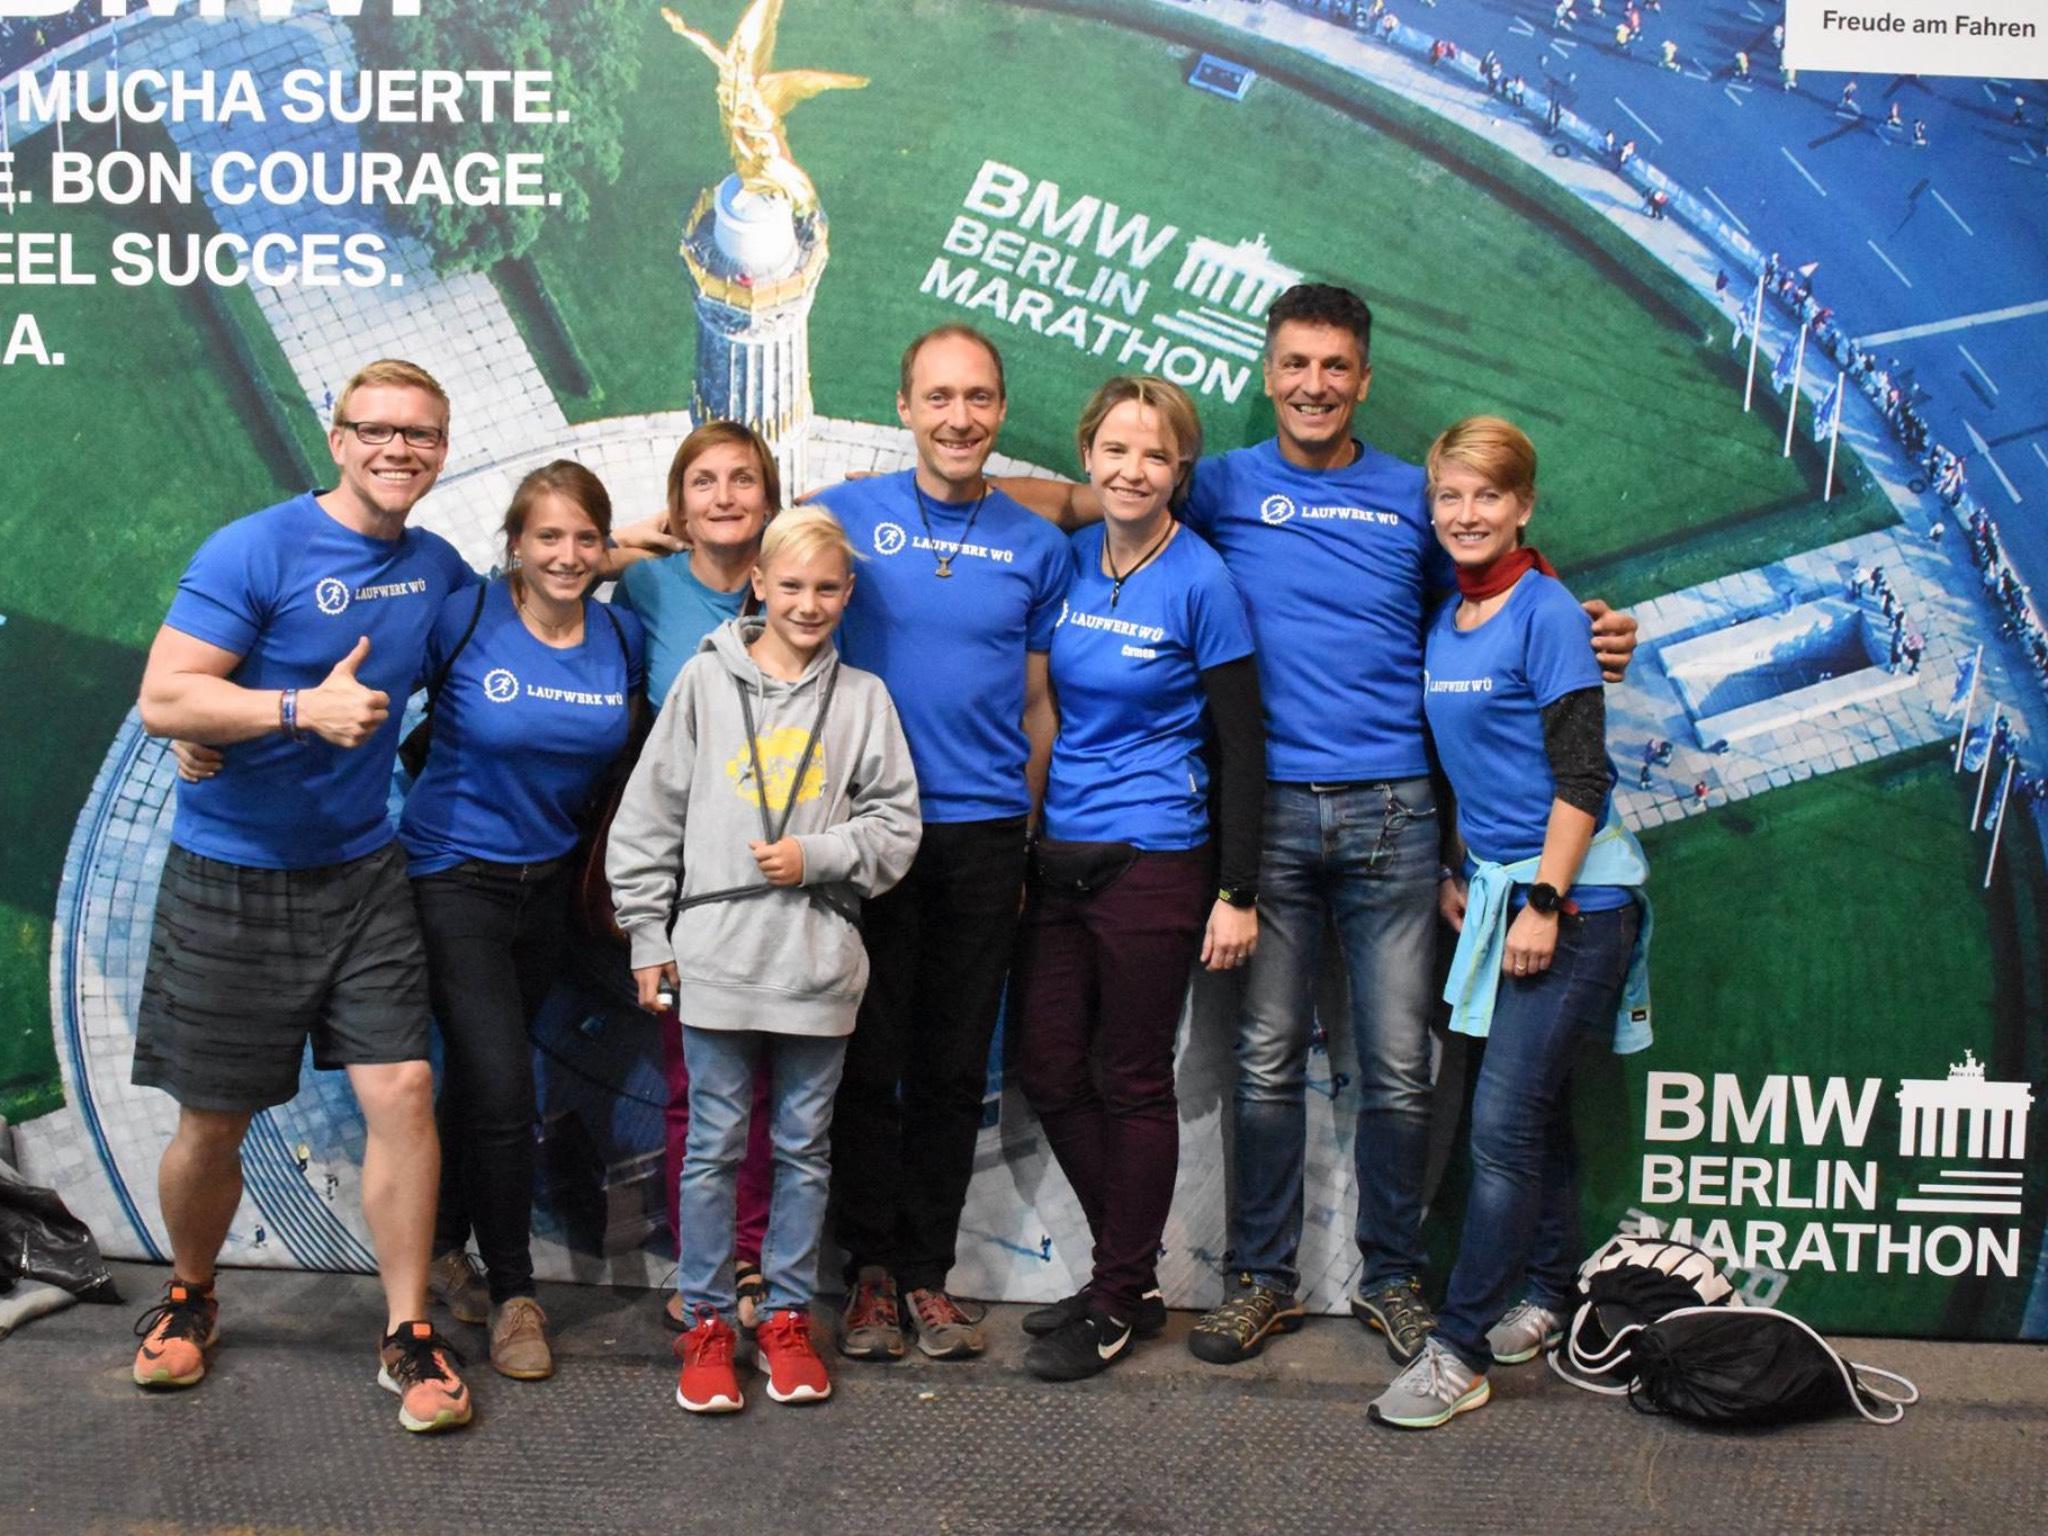 Sven Gehwald (links) beim Berlin Marathon. Foto: Sven Gehwald